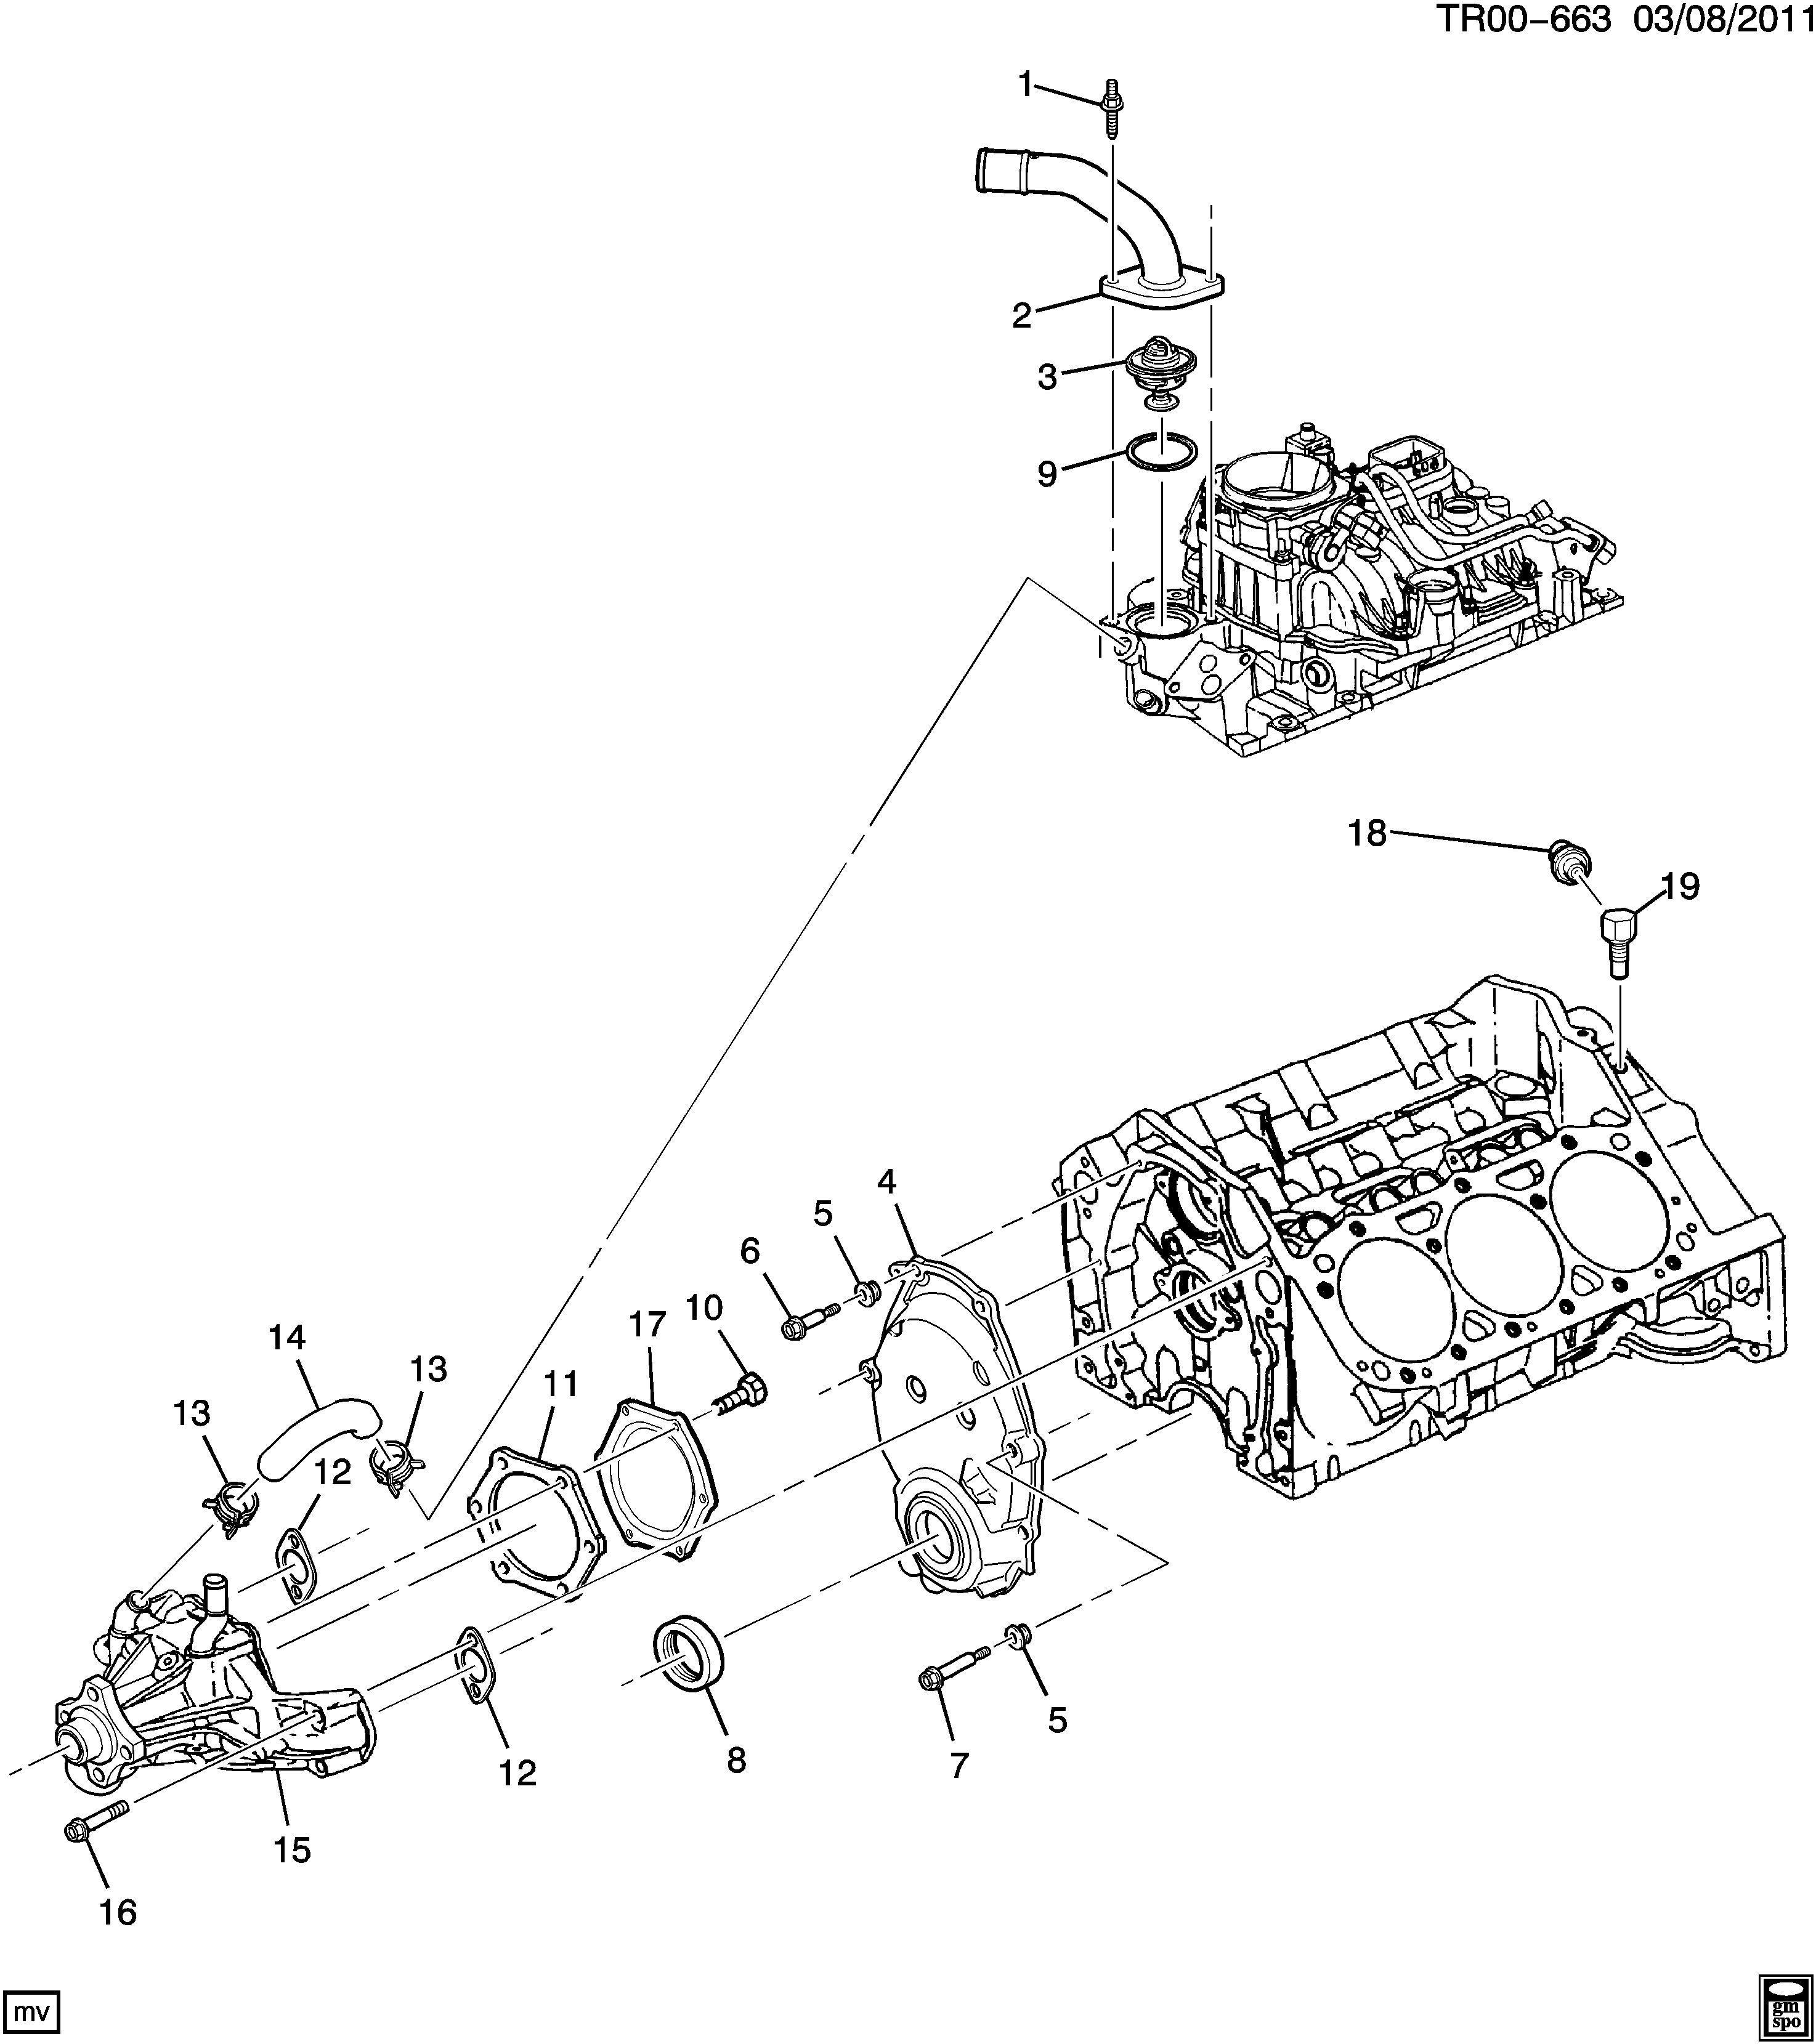 Chevrolet S10 Bolt Engine Front Cover Bolt Eng Frt